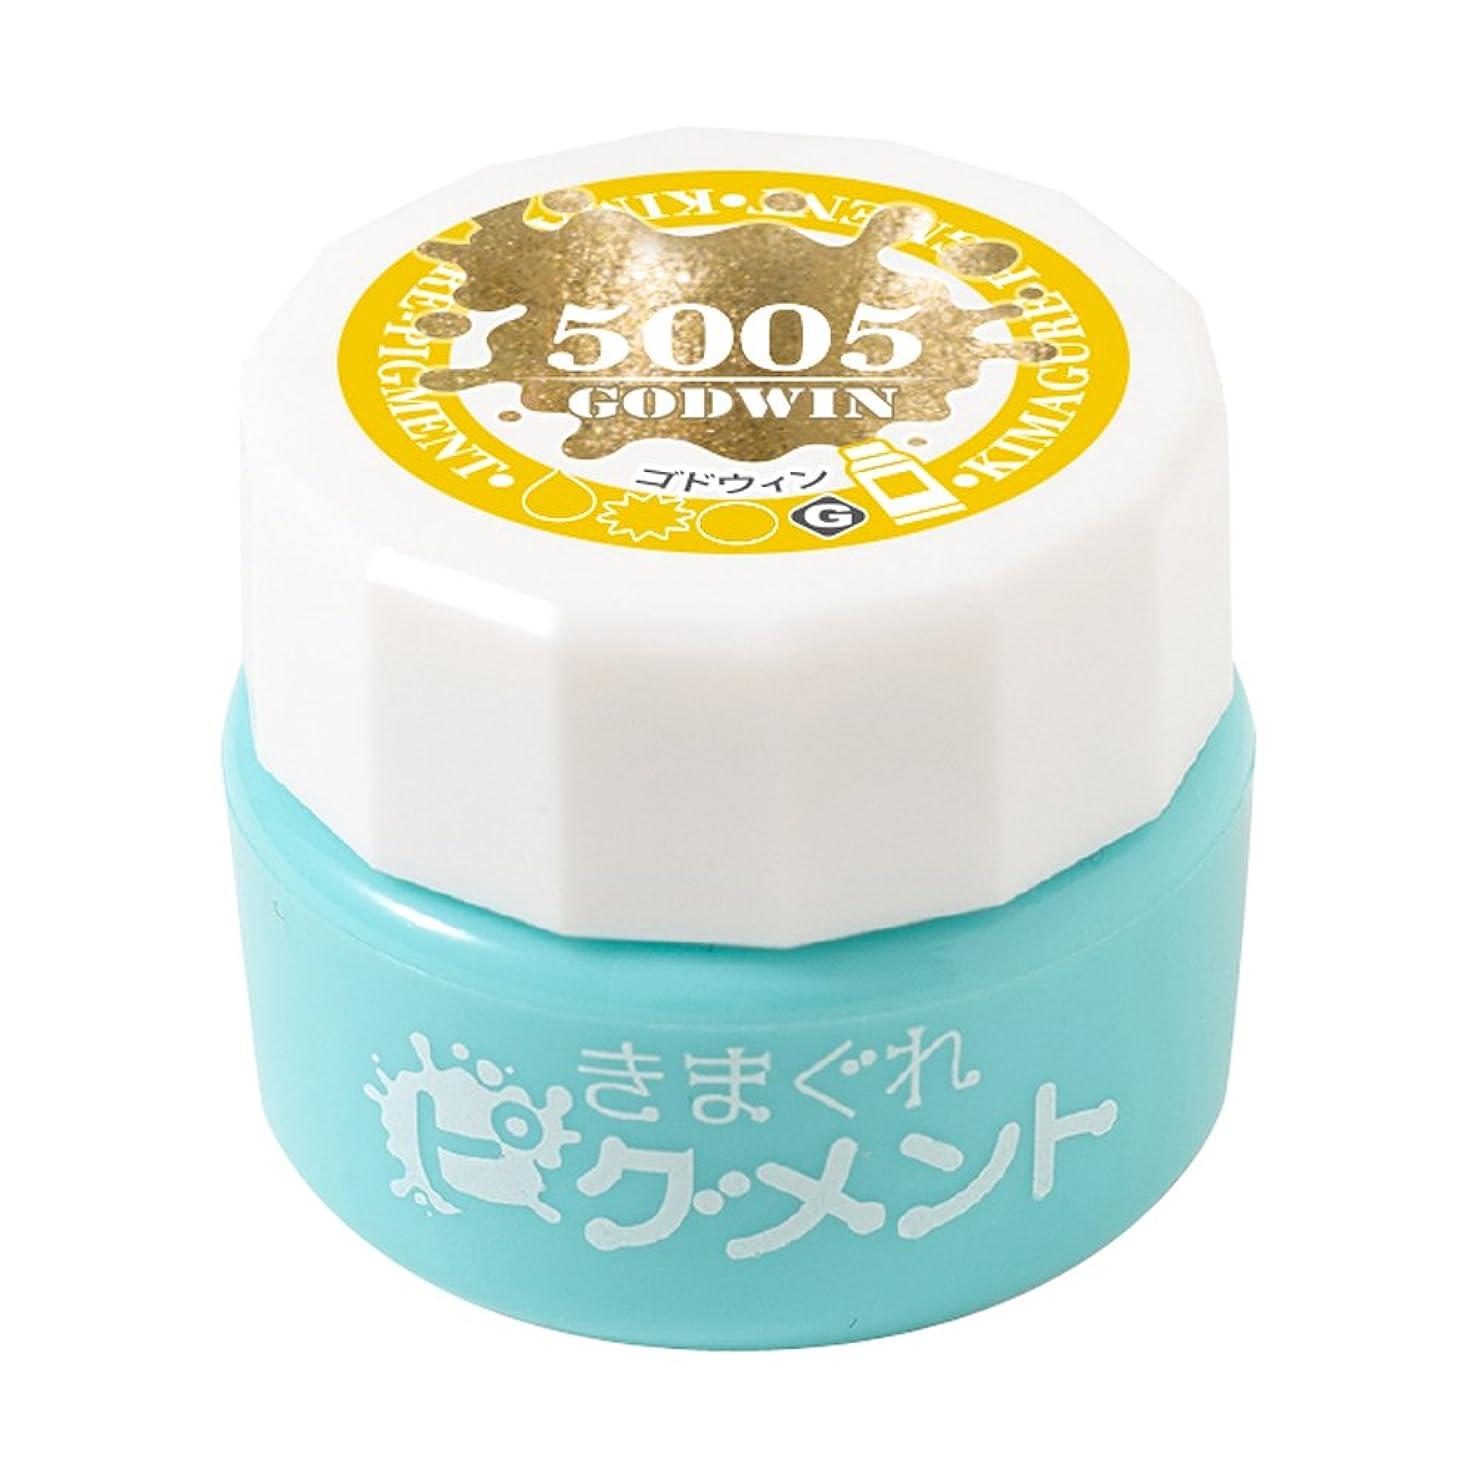 のみ敬ラフ睡眠Bettygel きまぐれピグメント ゴドウィン QYJ-5005 4g UV/LED対応